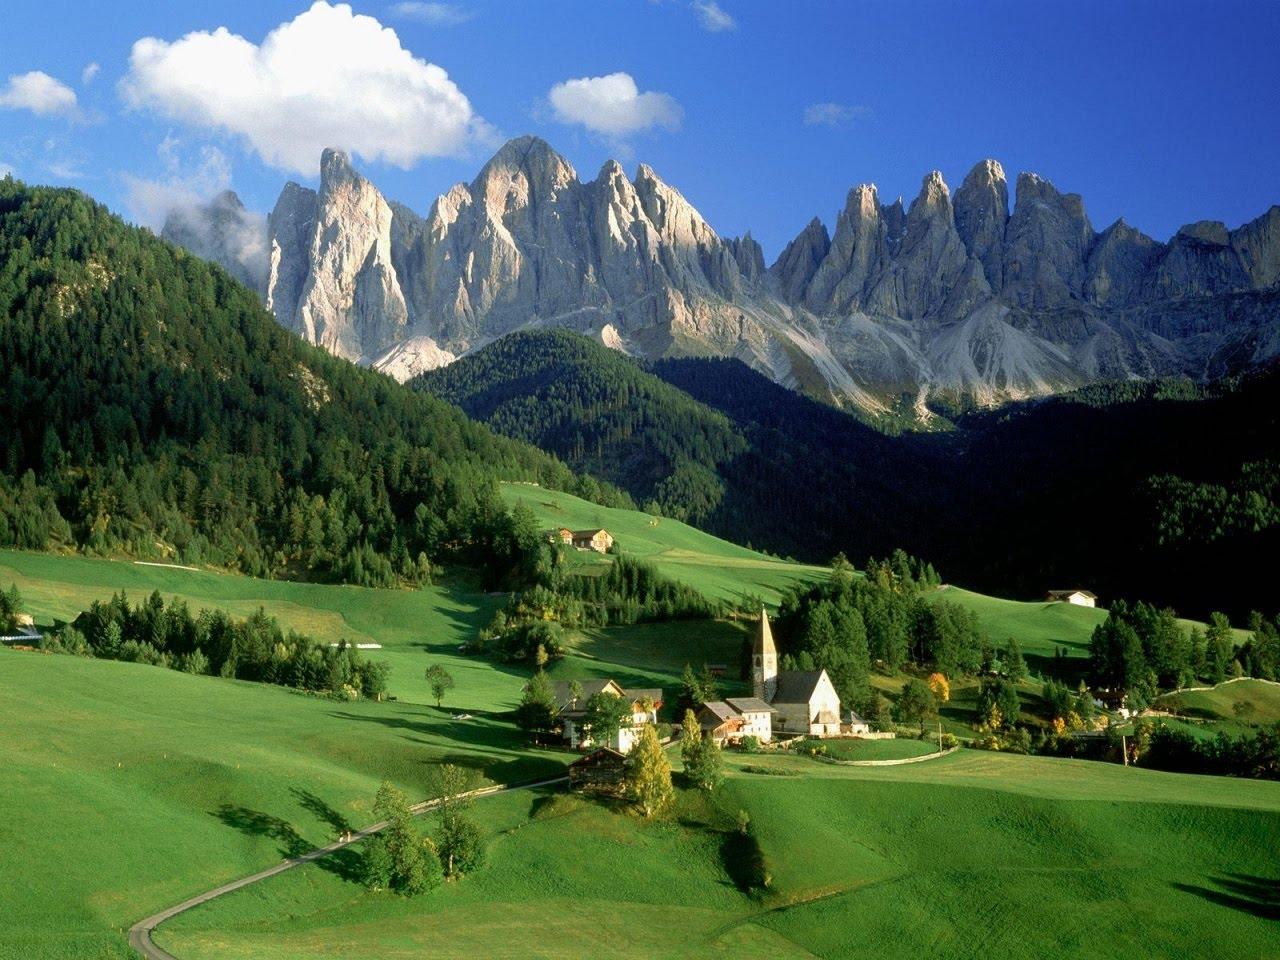 http://1.bp.blogspot.com/_Zw41kxI2akg/TVGb0bIU8dI/AAAAAAAADMs/R36MPr0kjSo/s1600/alpi_dolomitii_italia_4.jpg